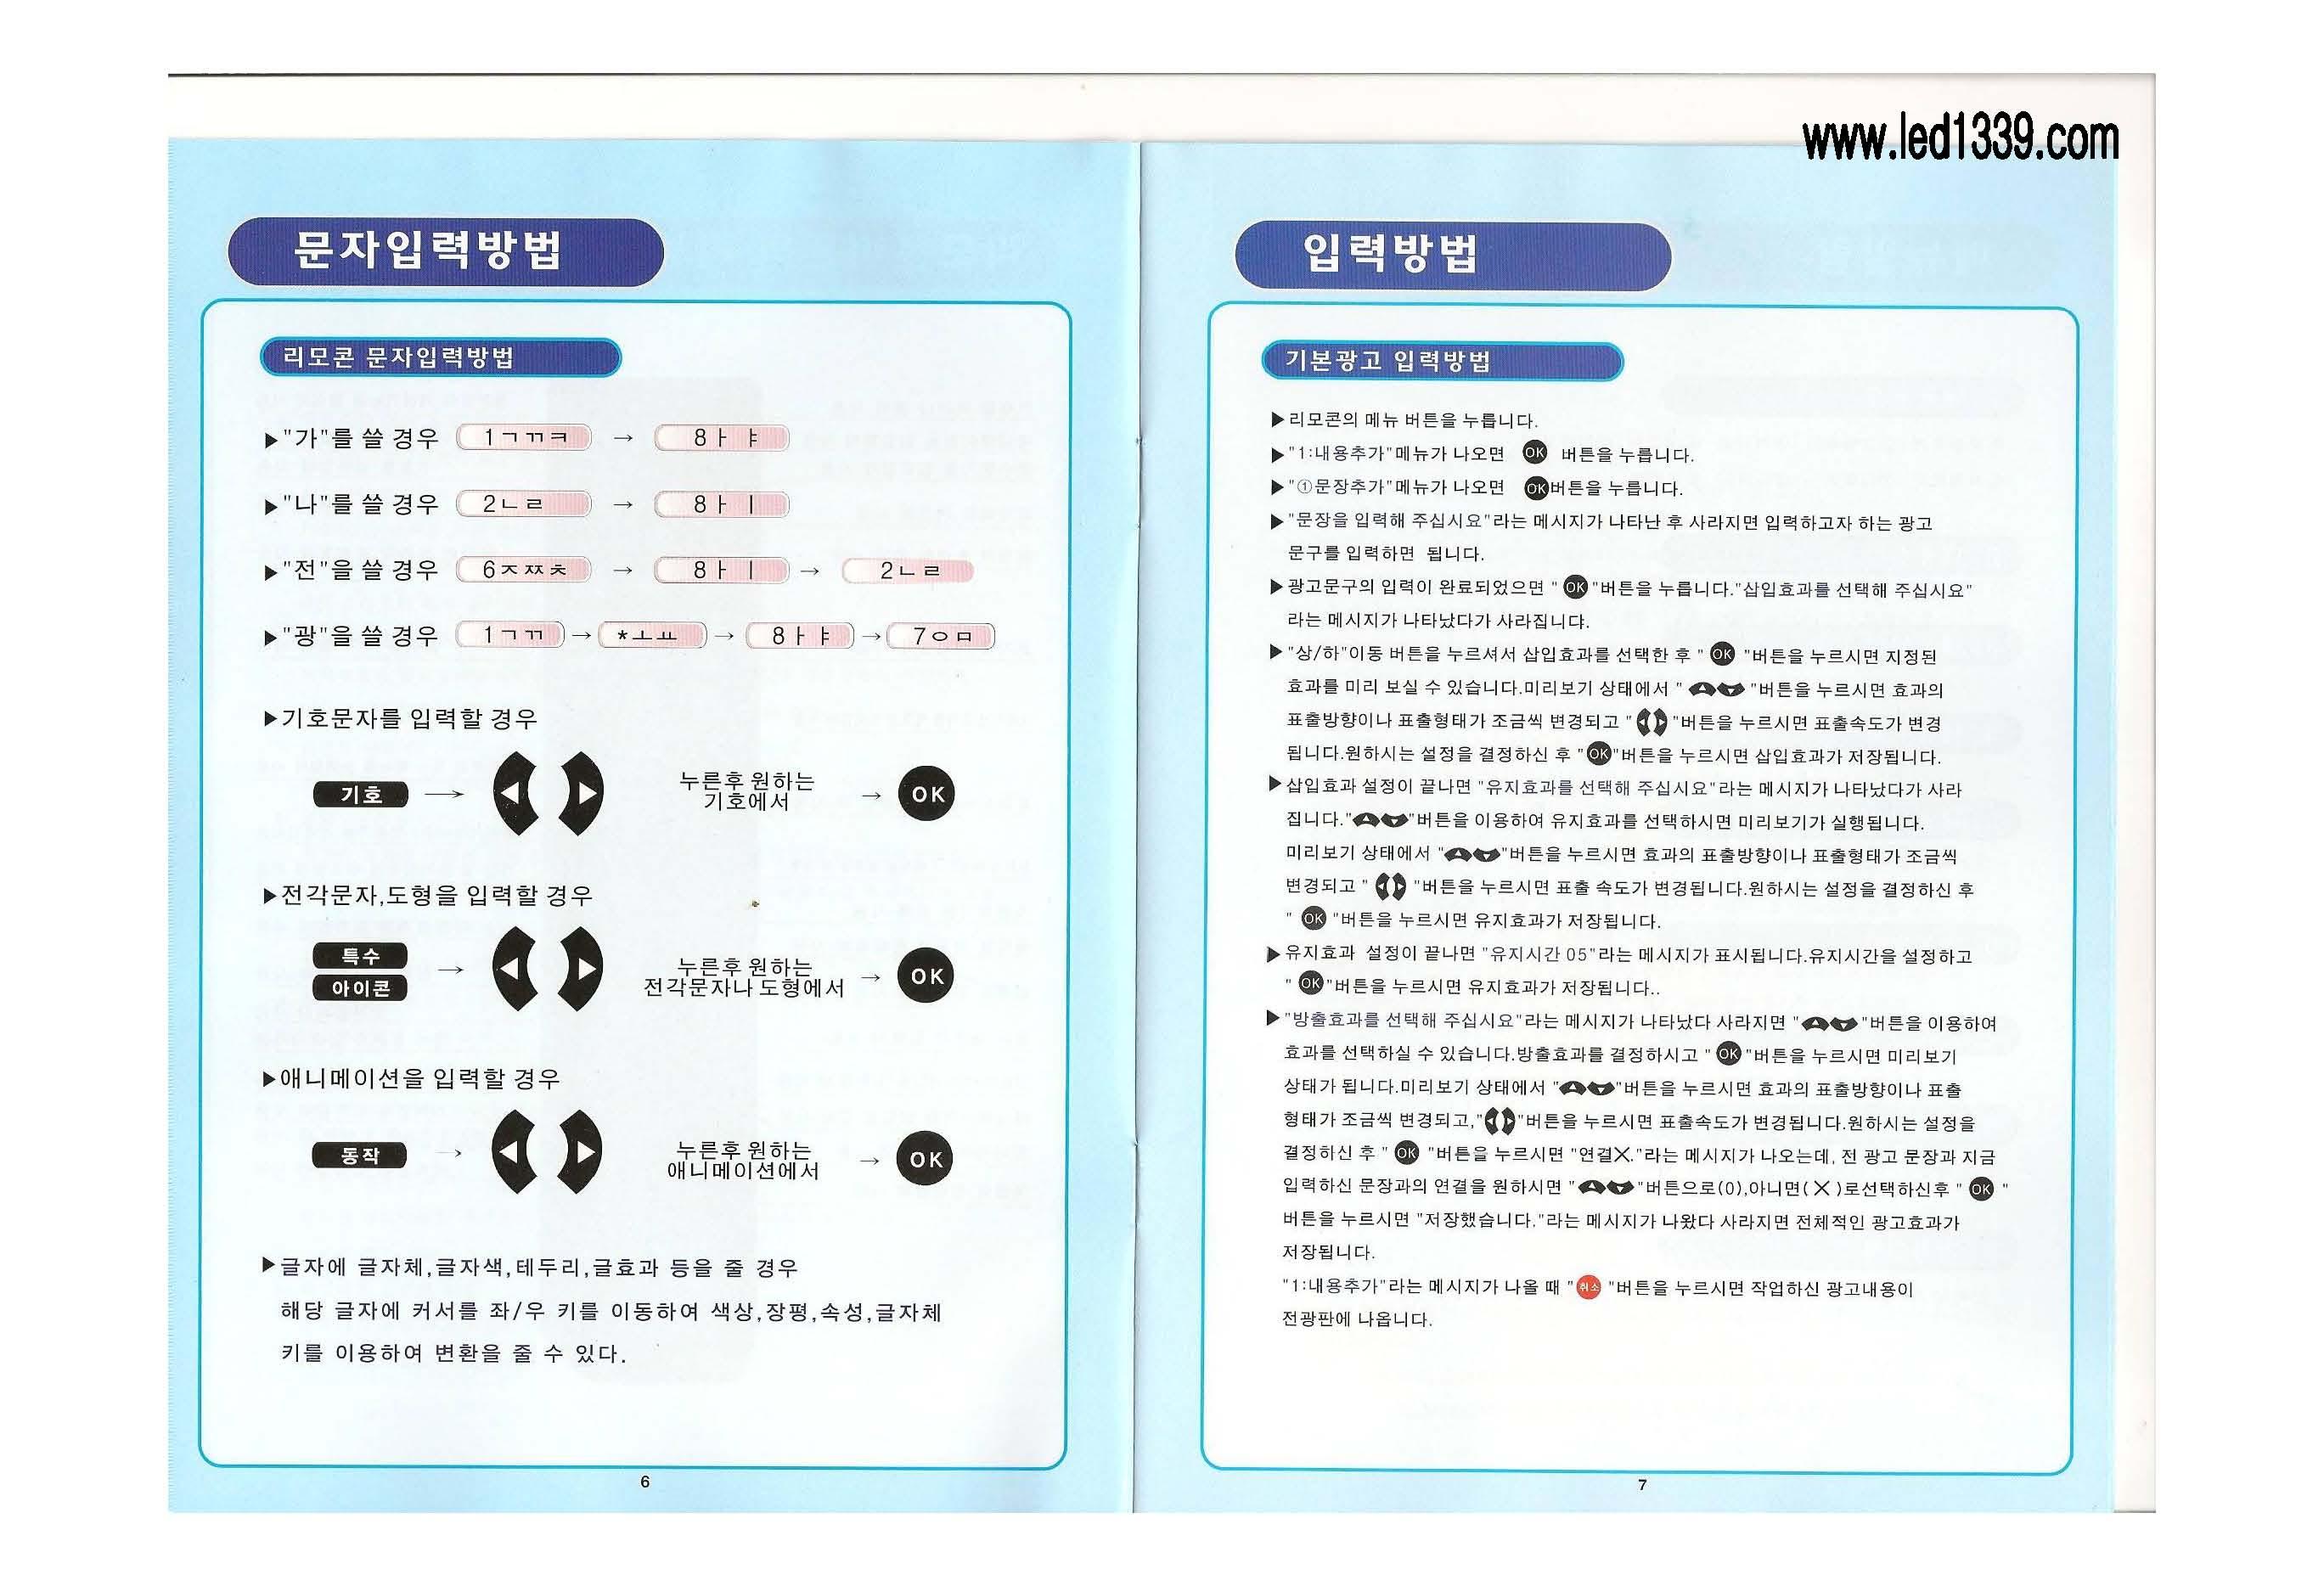 애드트로닉 한글 리모콘 사용설명서_페이지_04.jpg